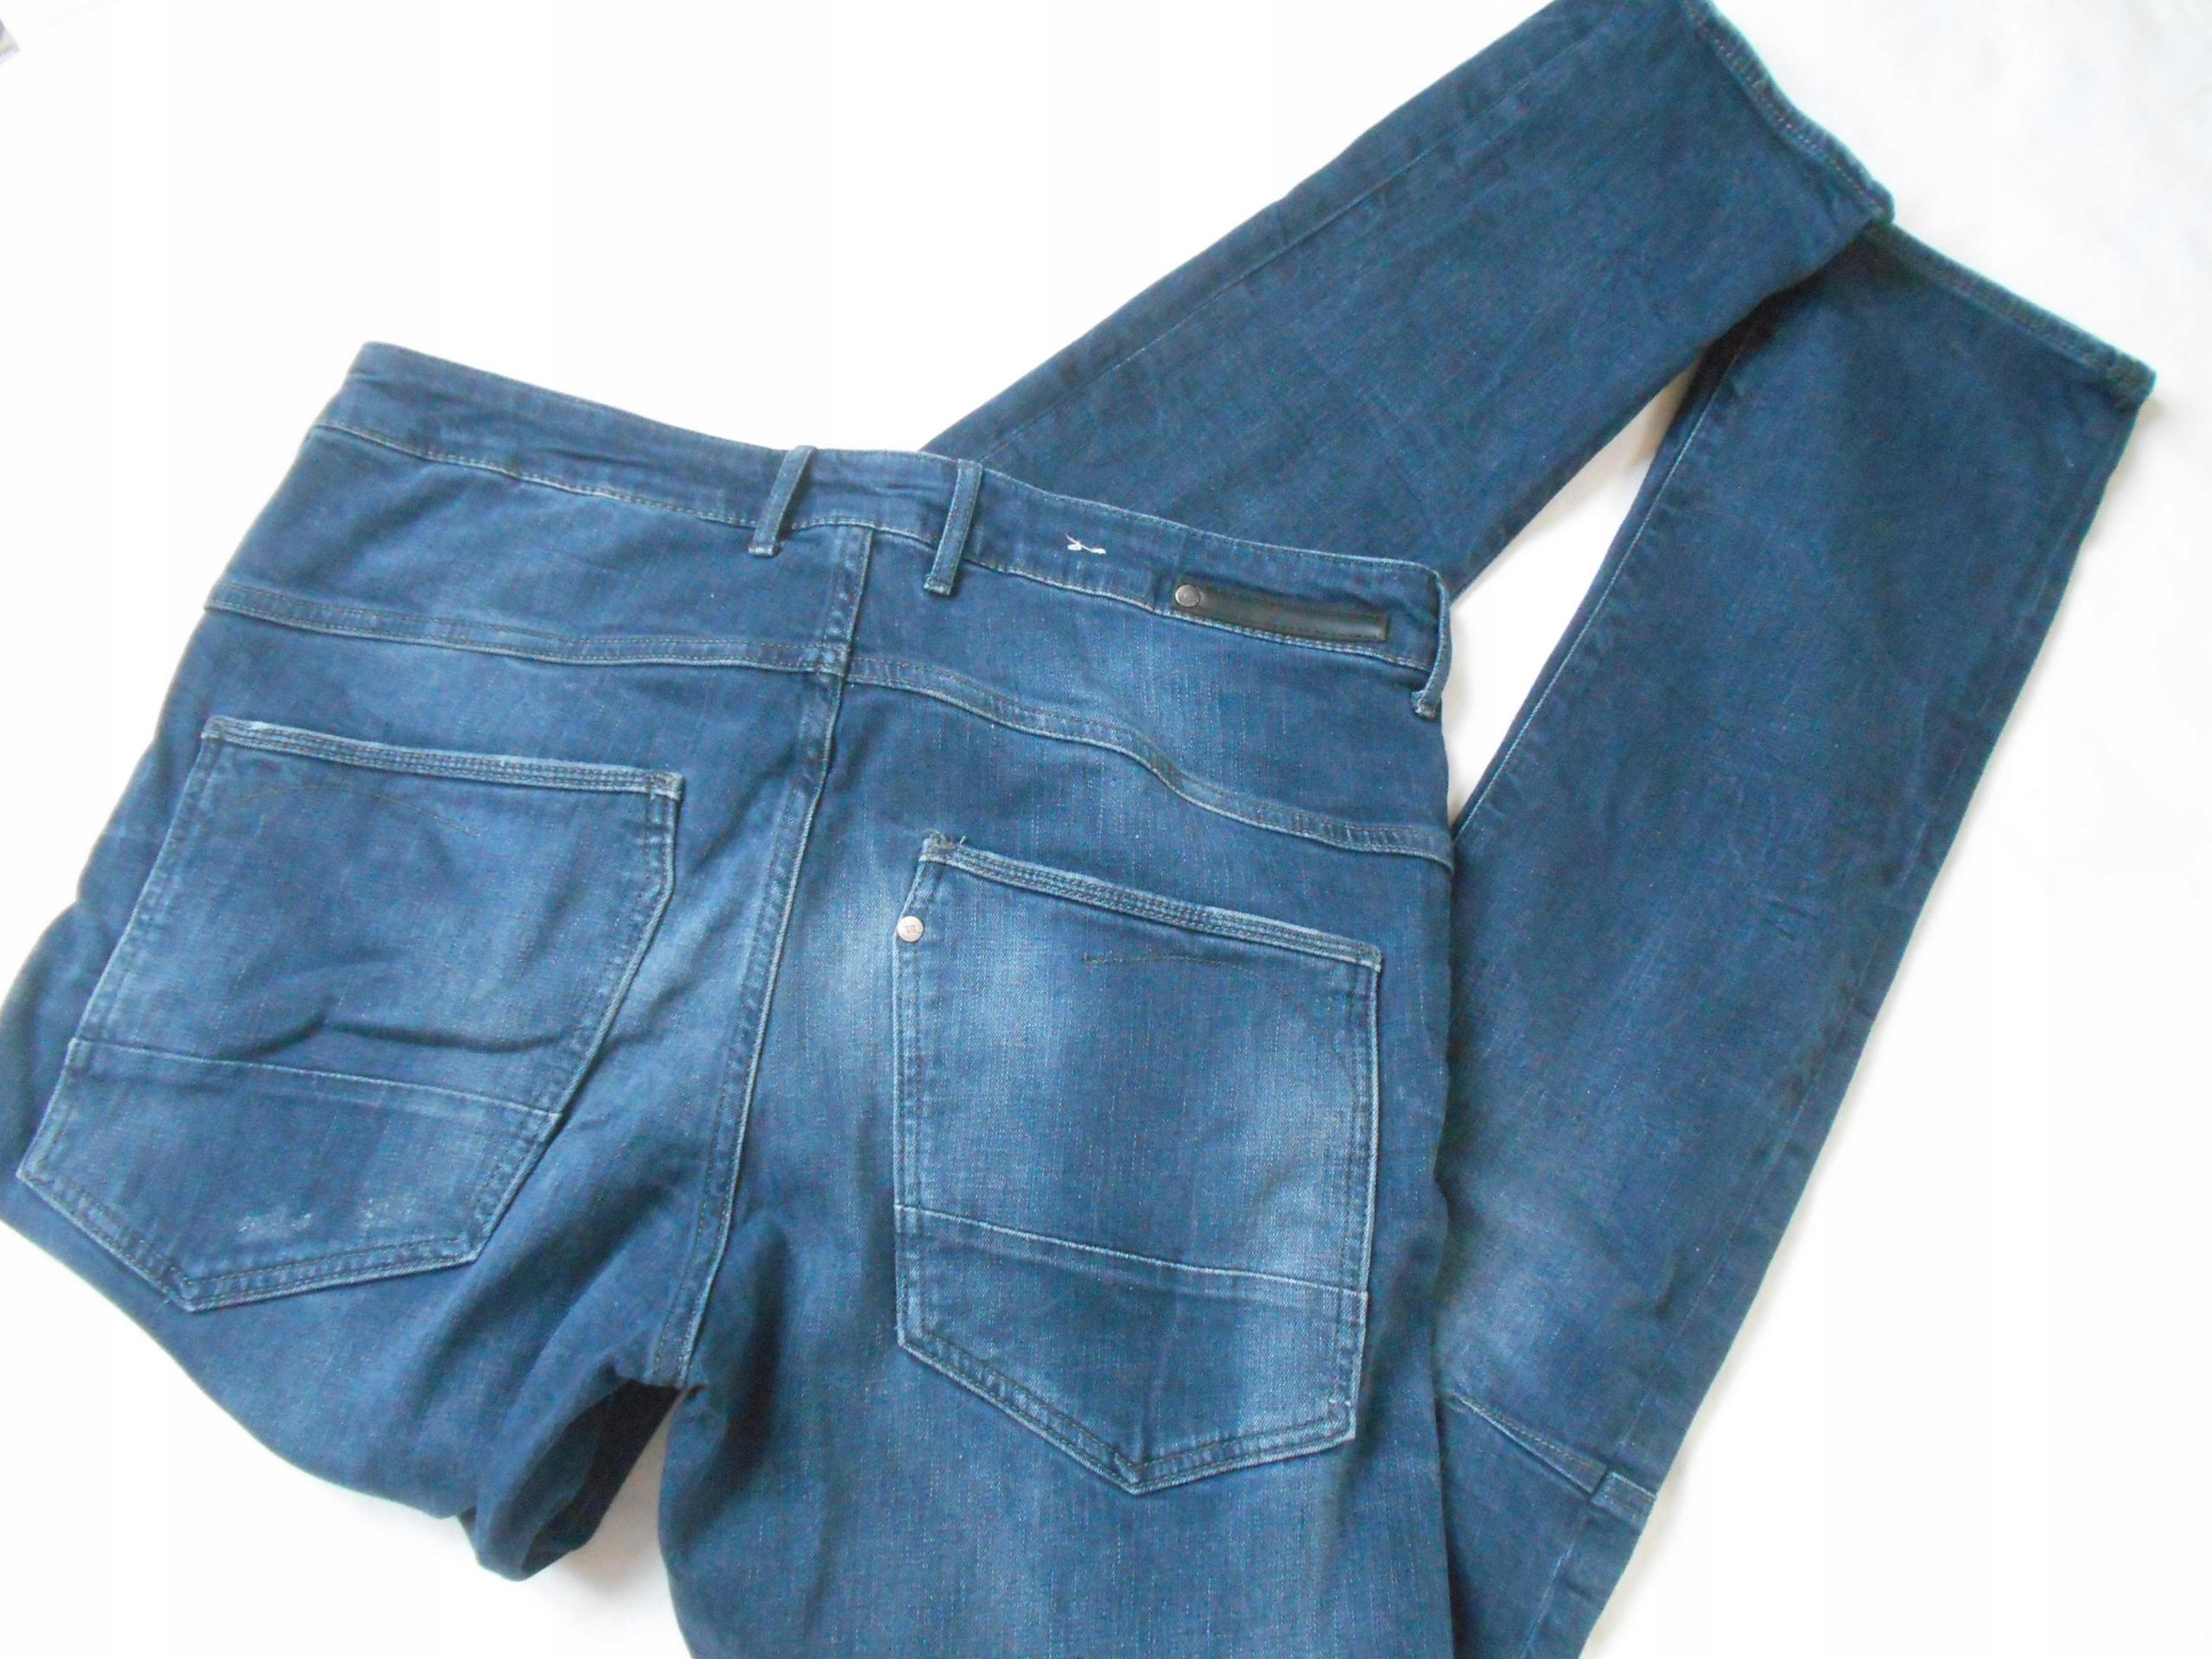 HM spodnie Jeans męskie stretch_36/34 pas 92 cm